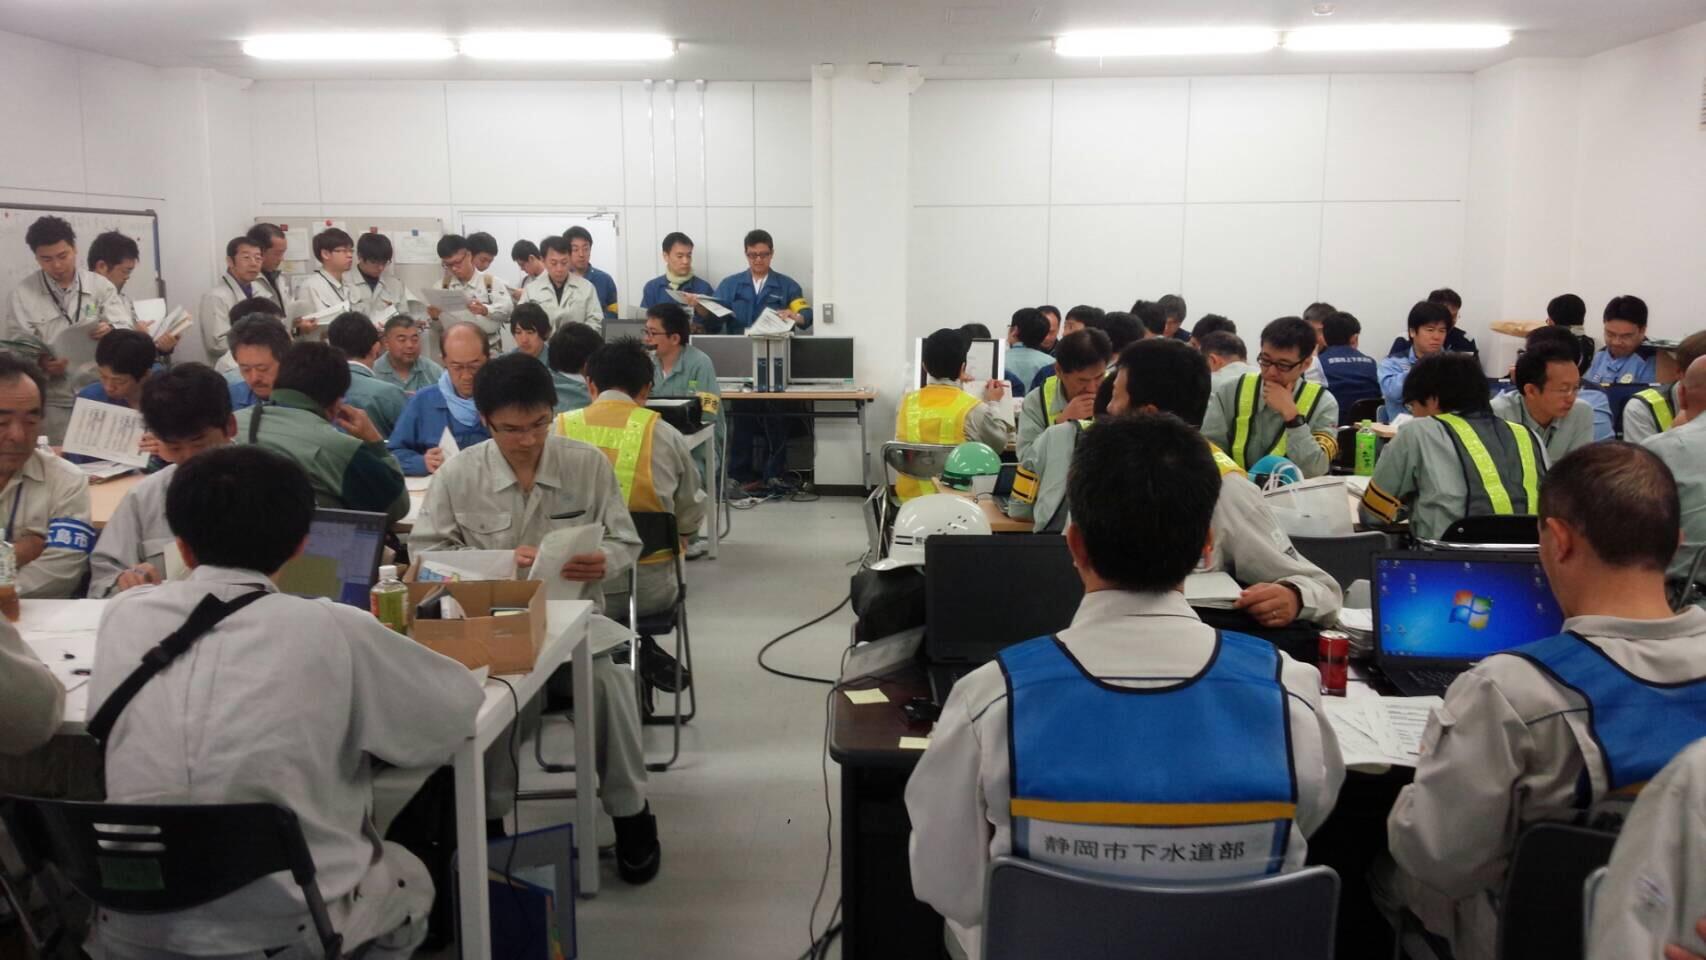 熊本県熊本地方で発生した地震による下水道部門の支援活動について<建設局>